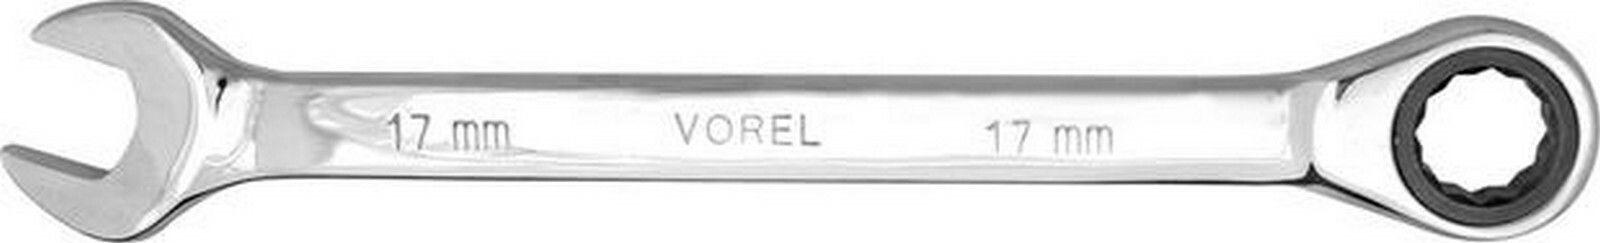 Klíč očkoplochý ráčnový 19 mm CrV TOYA